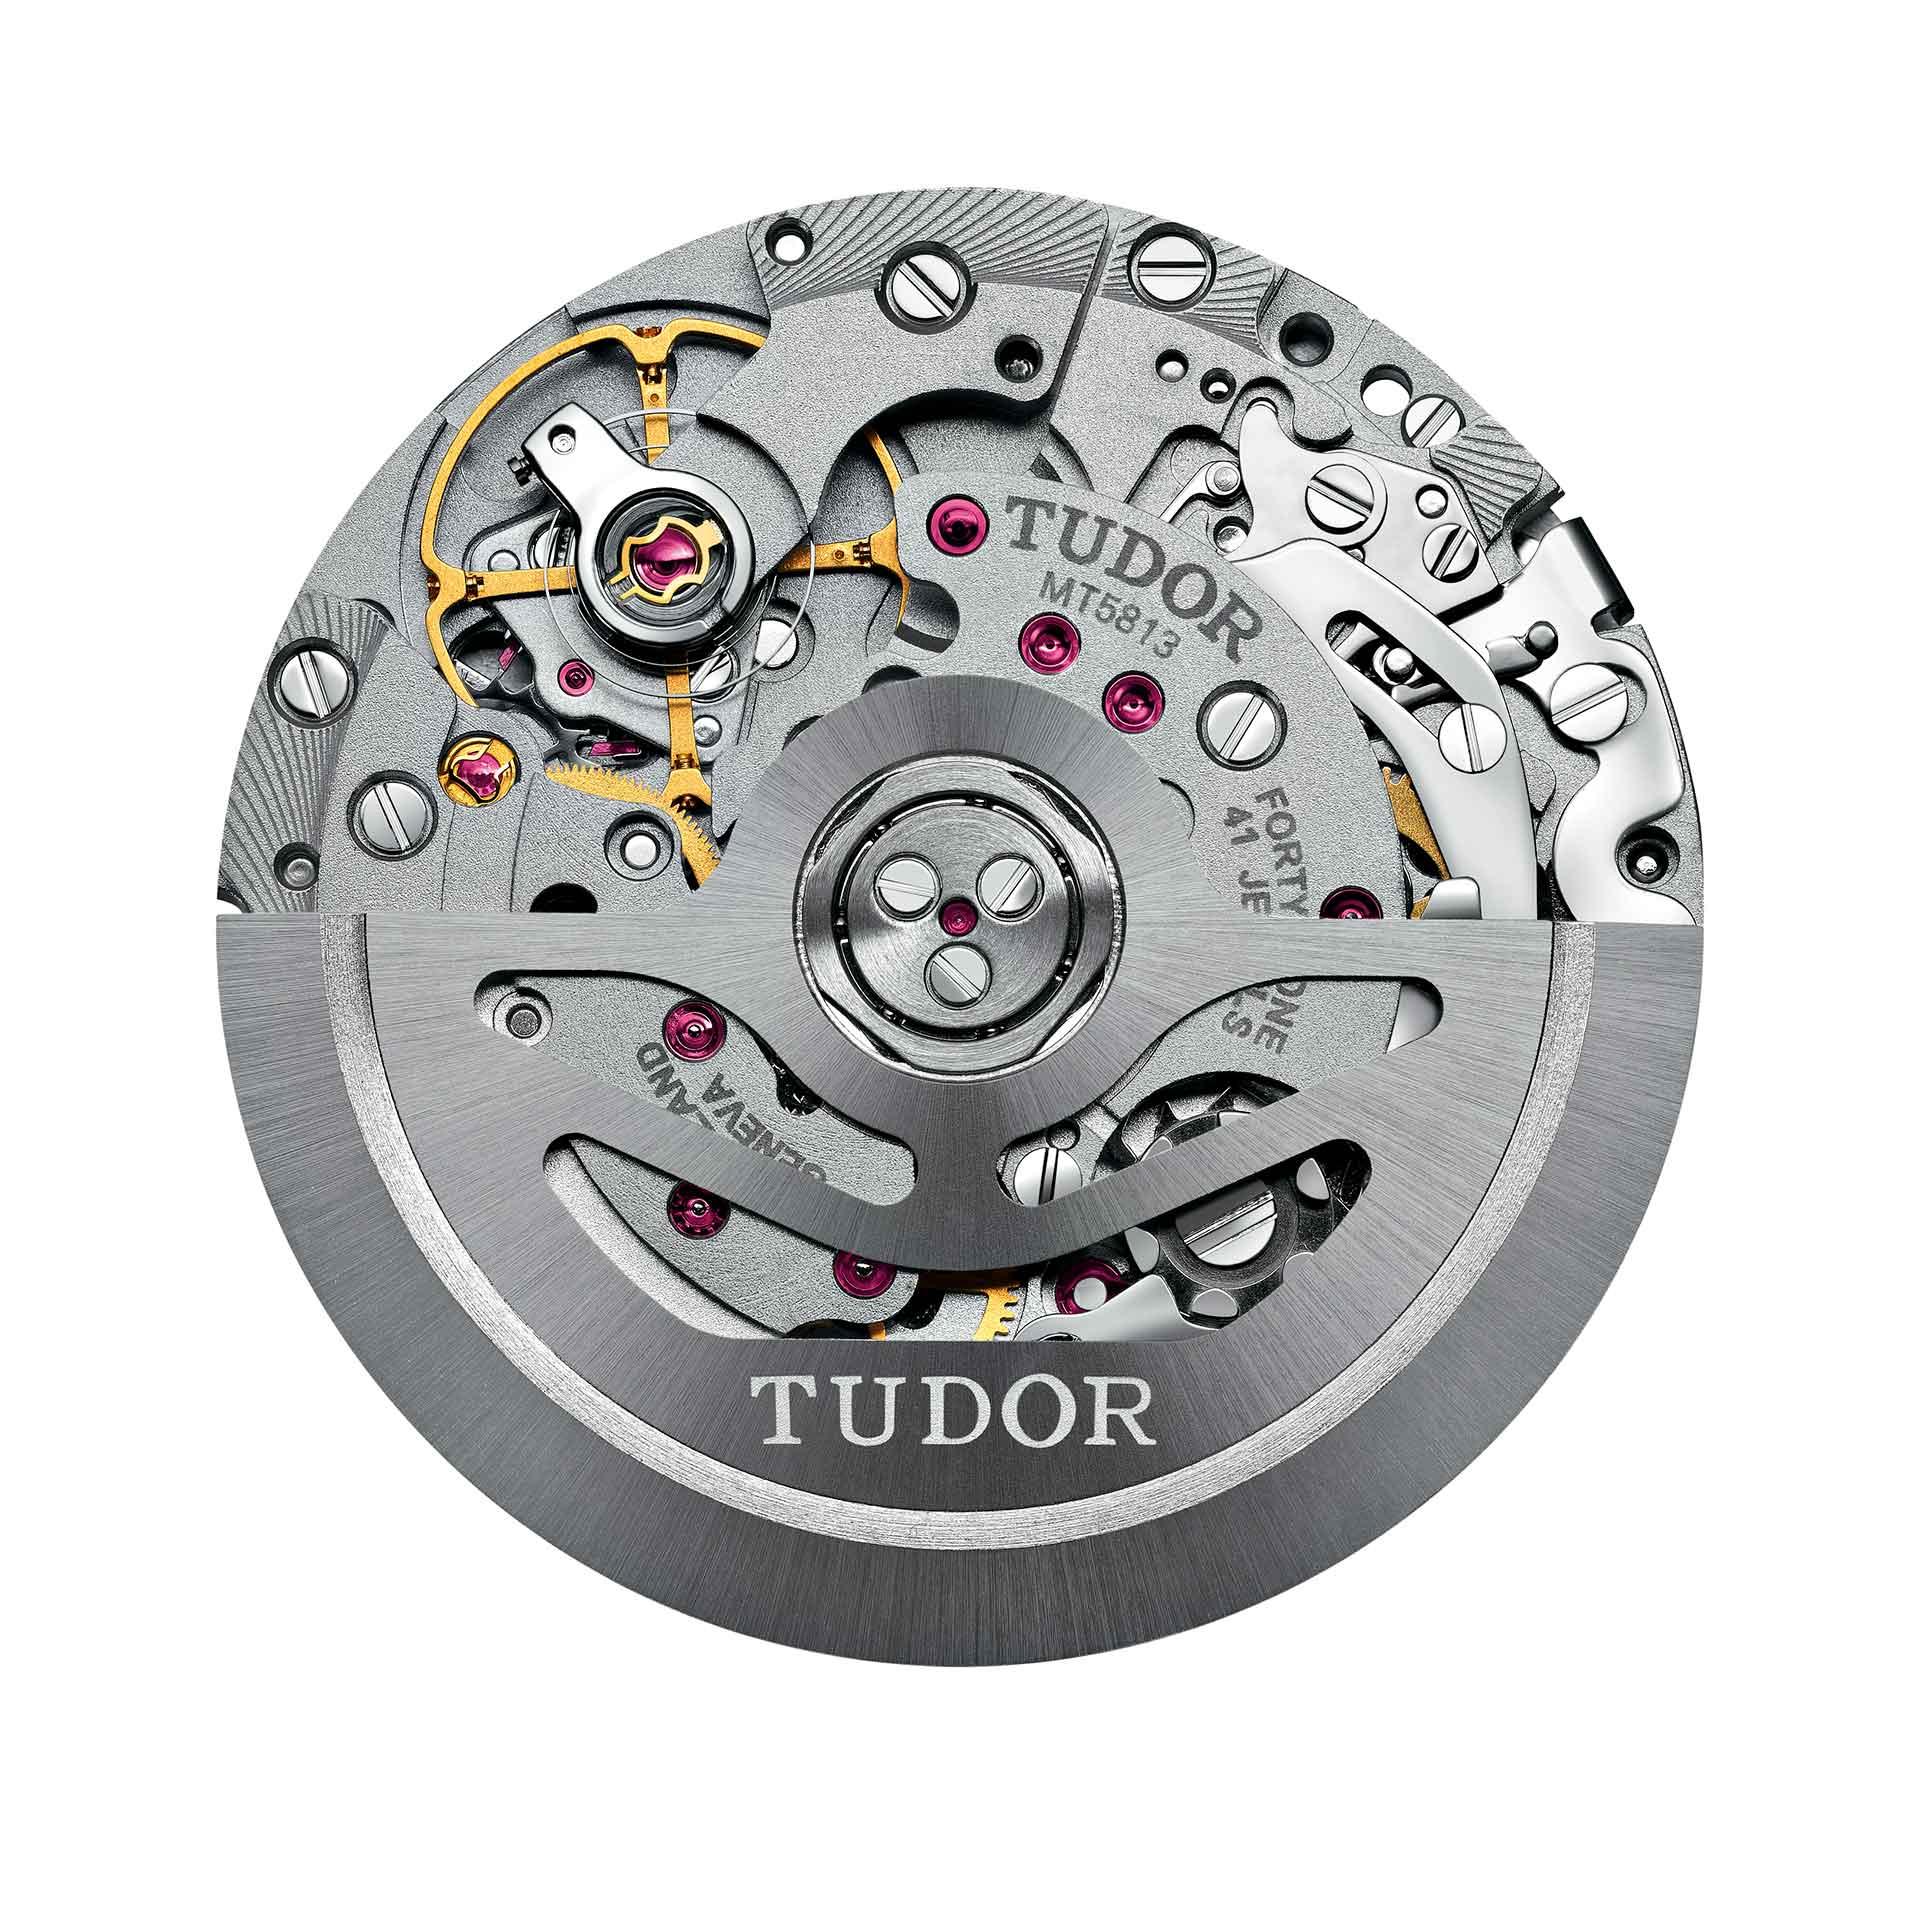 Das Tudor Kaliber MT5813 beruht auf einem Basiswerk von Breitling, das von Tudor ein eigenes Regulierorgan erhält.